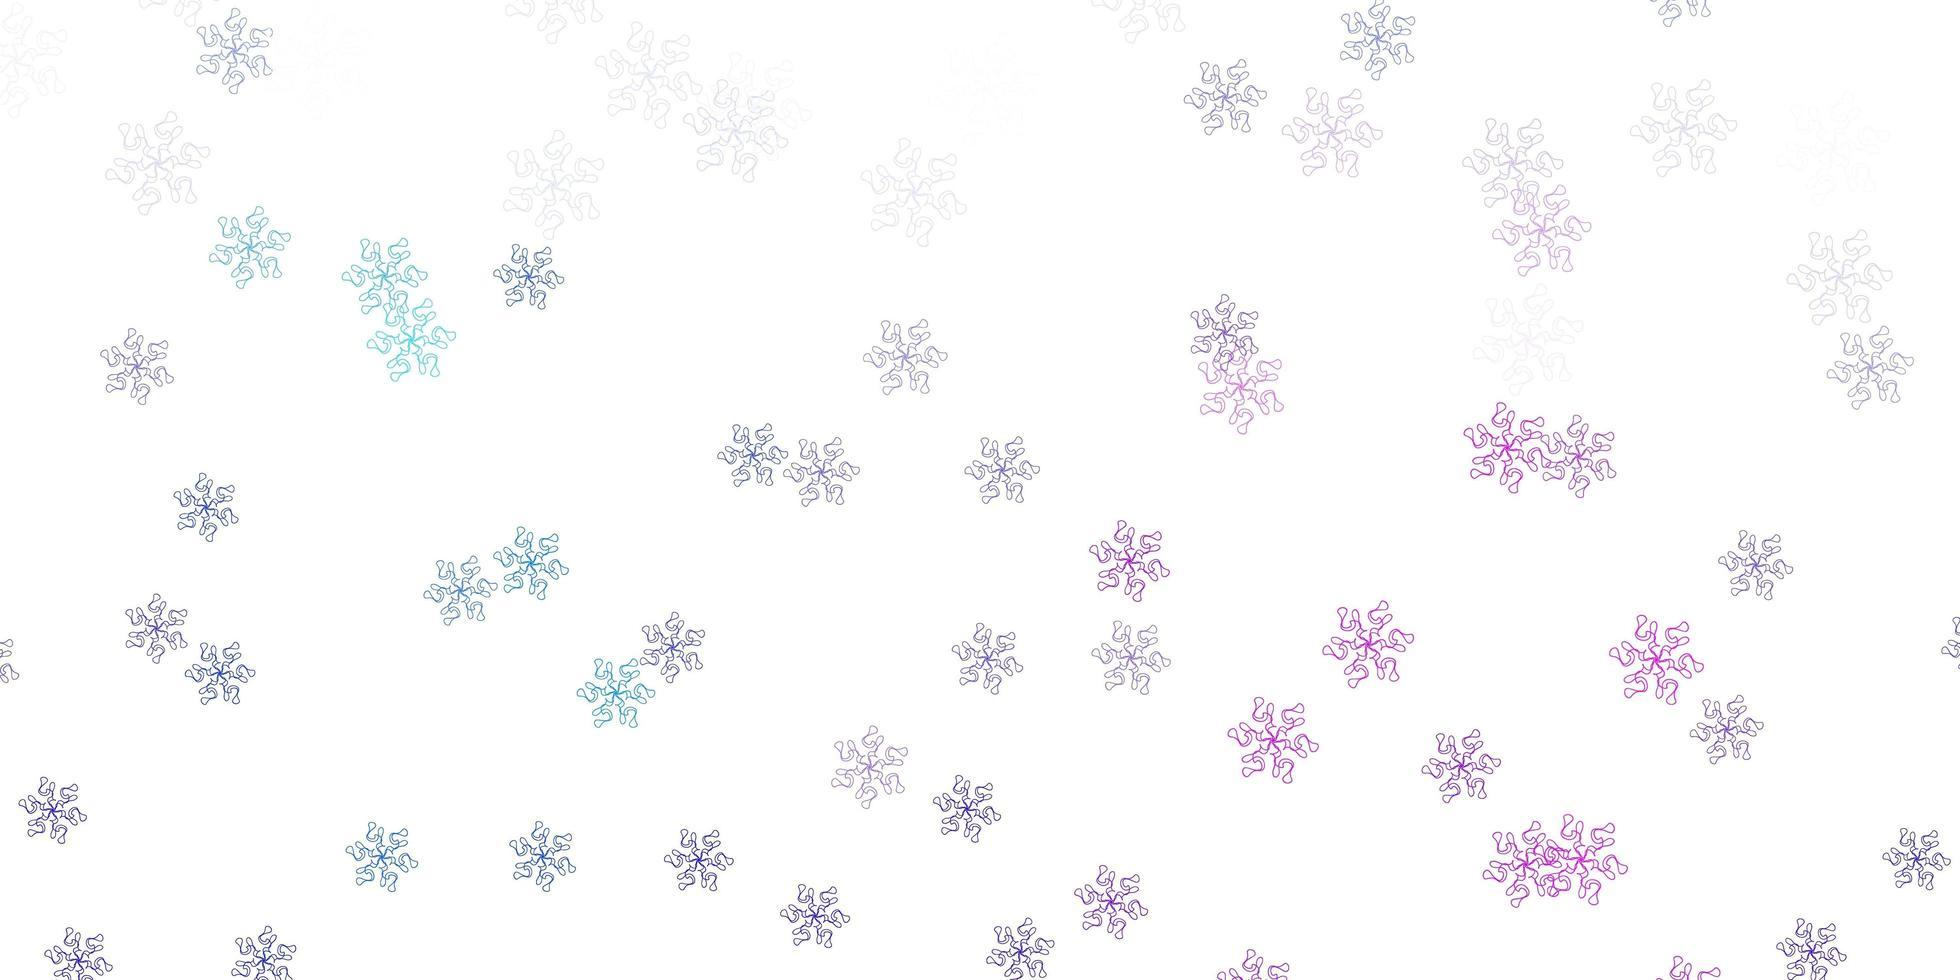 ljusrosa, blå vektor doodle mall med blommor.